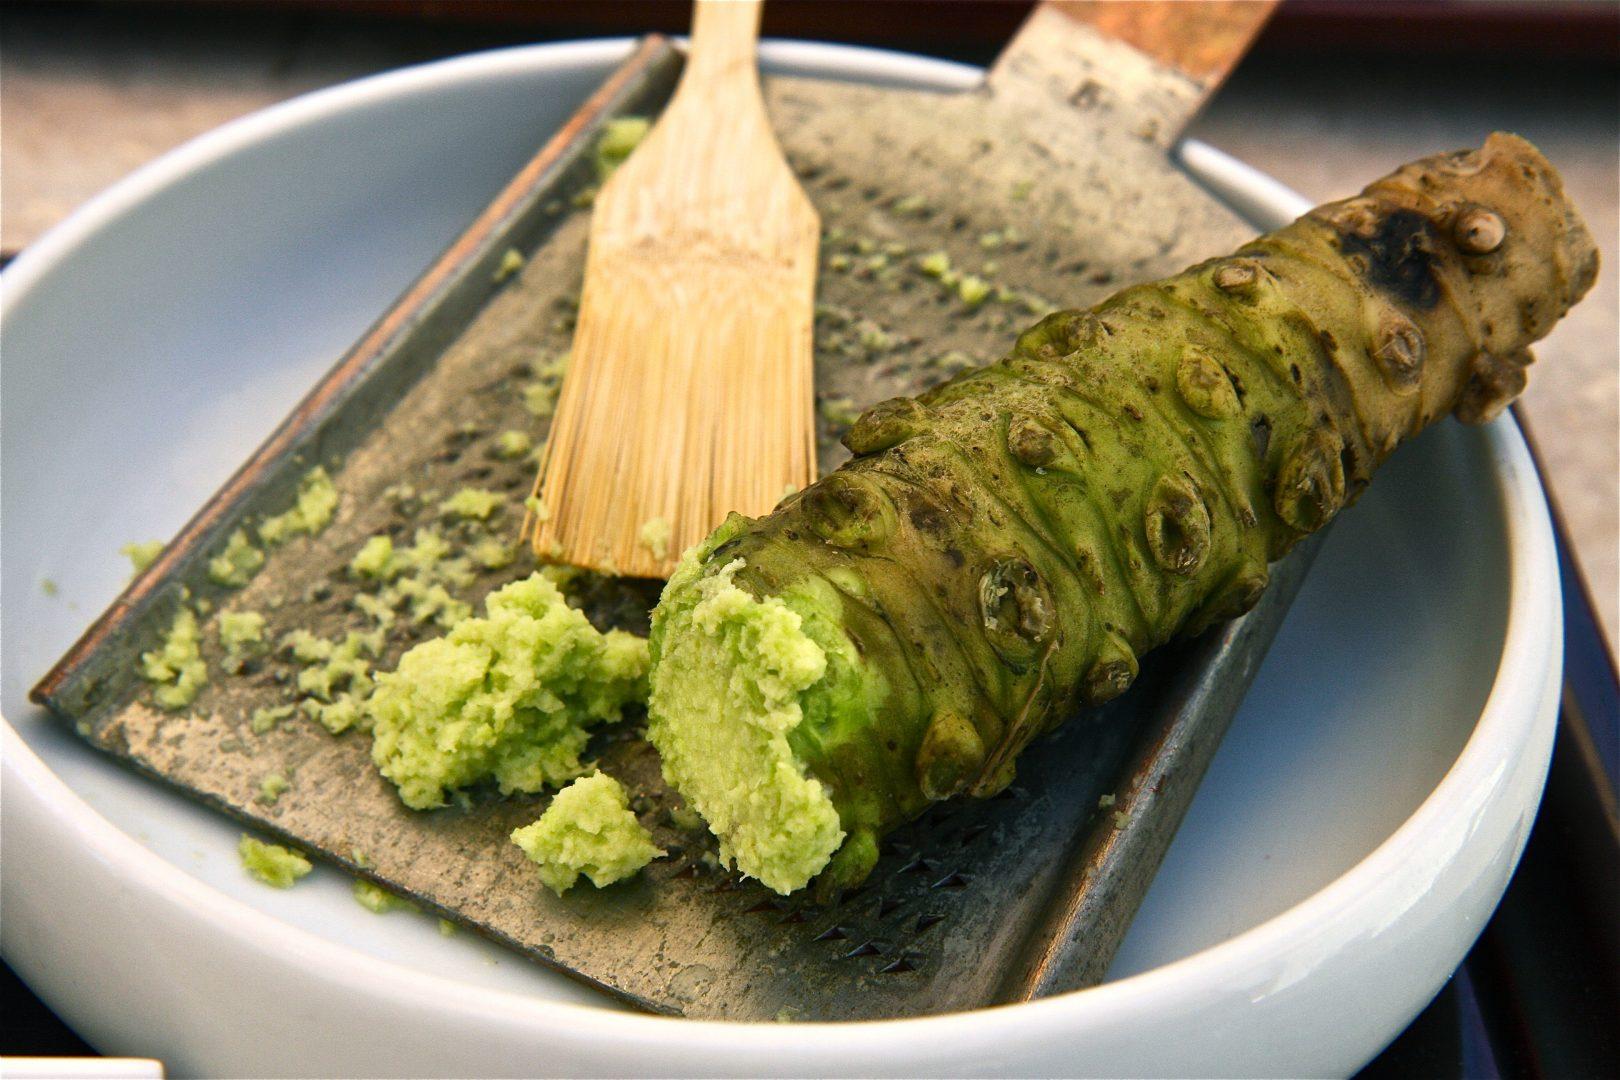 Aprenda a cultivar wasabi em sua casa